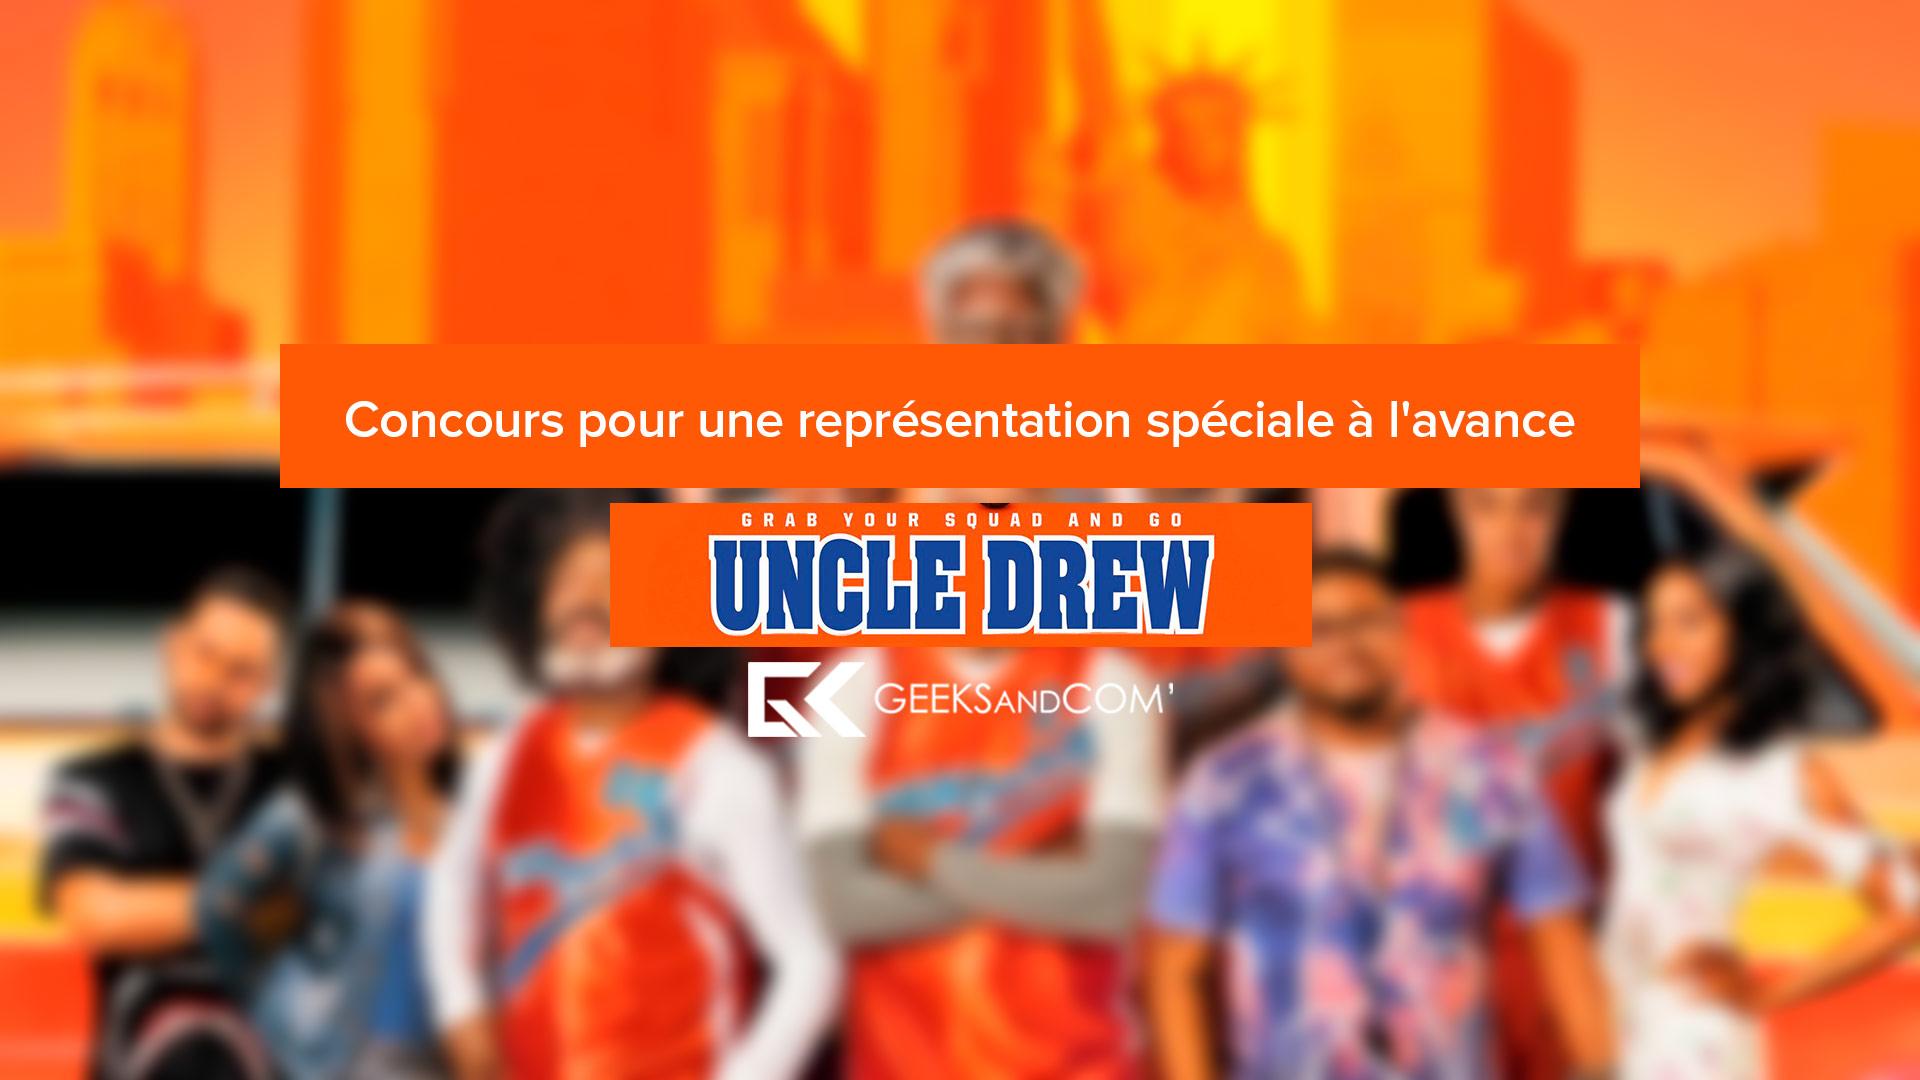 [Montréal] Concours pour une représentation spéciale à l'avance du film UNCLE DREW (VOA ou FR)